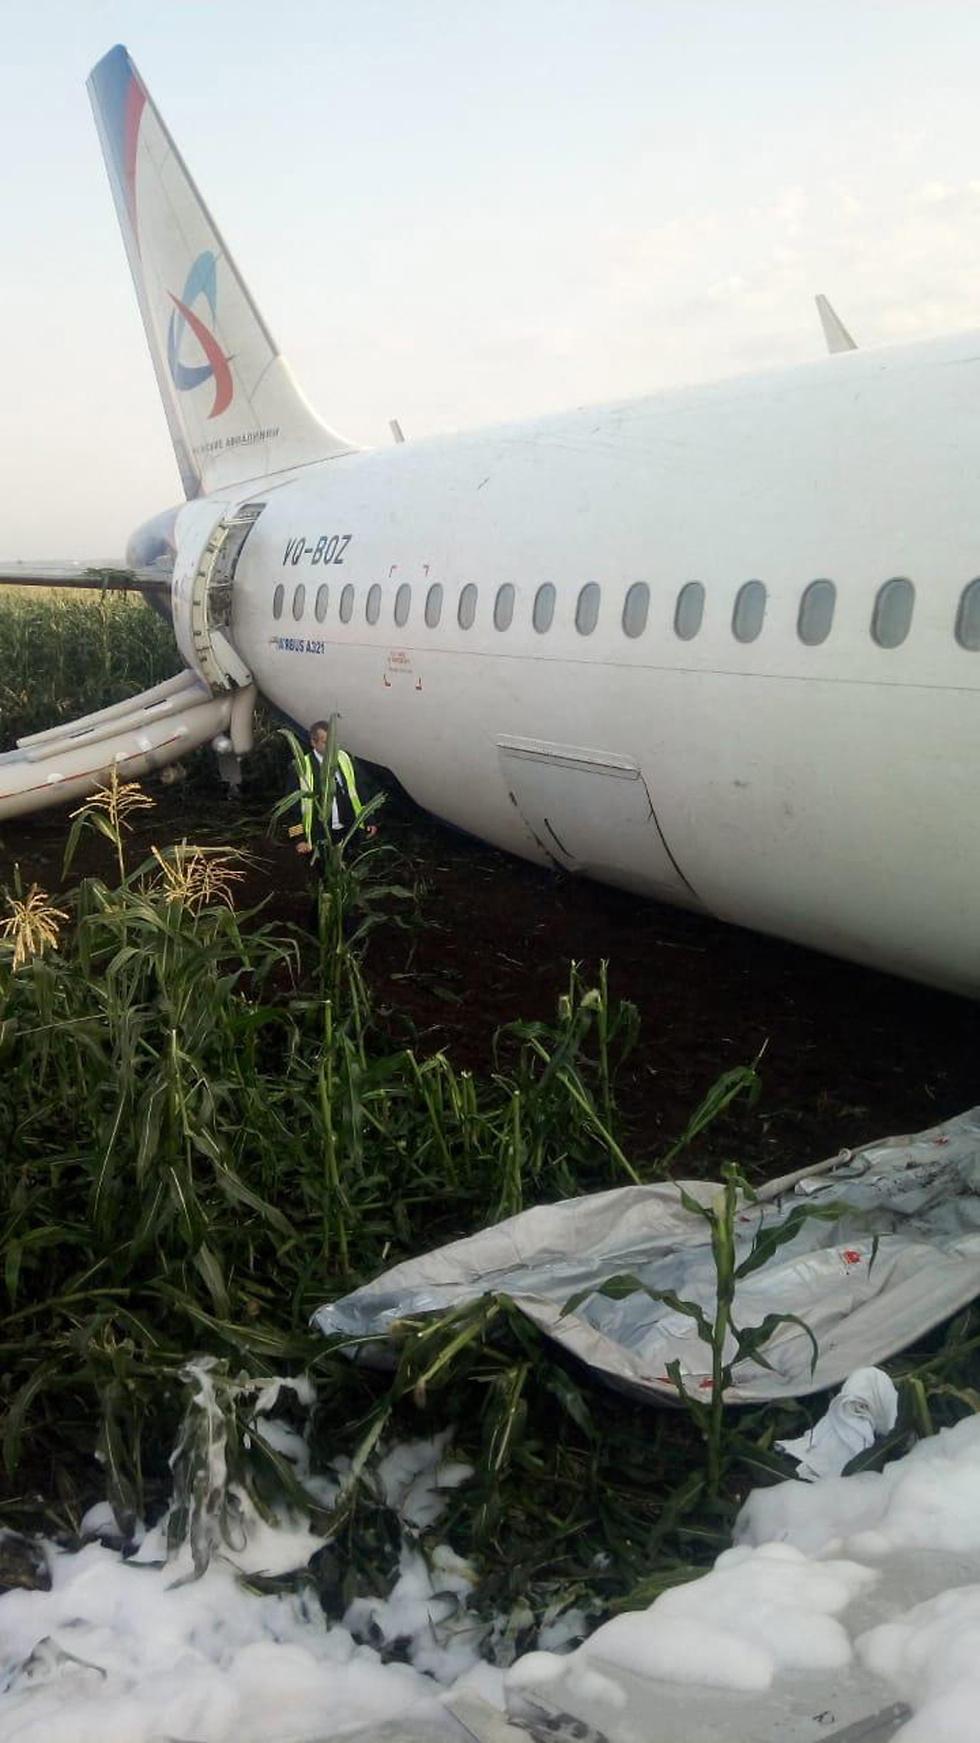 מטוס איירבוס A321 אורל איירליינס נחיתת חירום ליד מוסקבה רוסיה (צילום:mct)